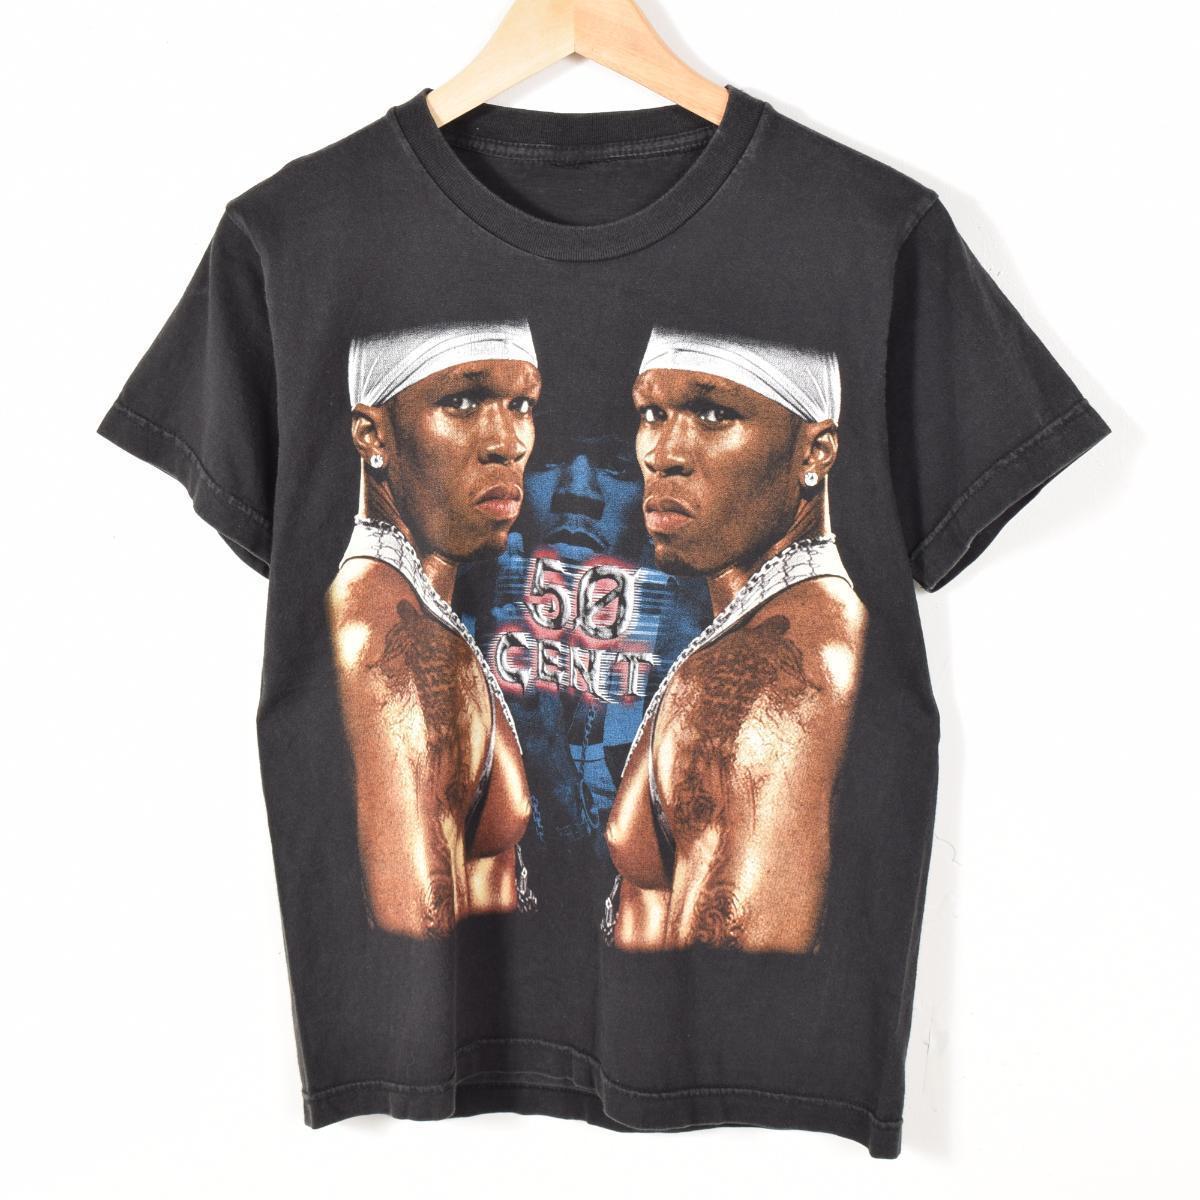 50CENT 50セント バンドTシャツ メンズS /wad7595 【中古】【n1706】 【170608】